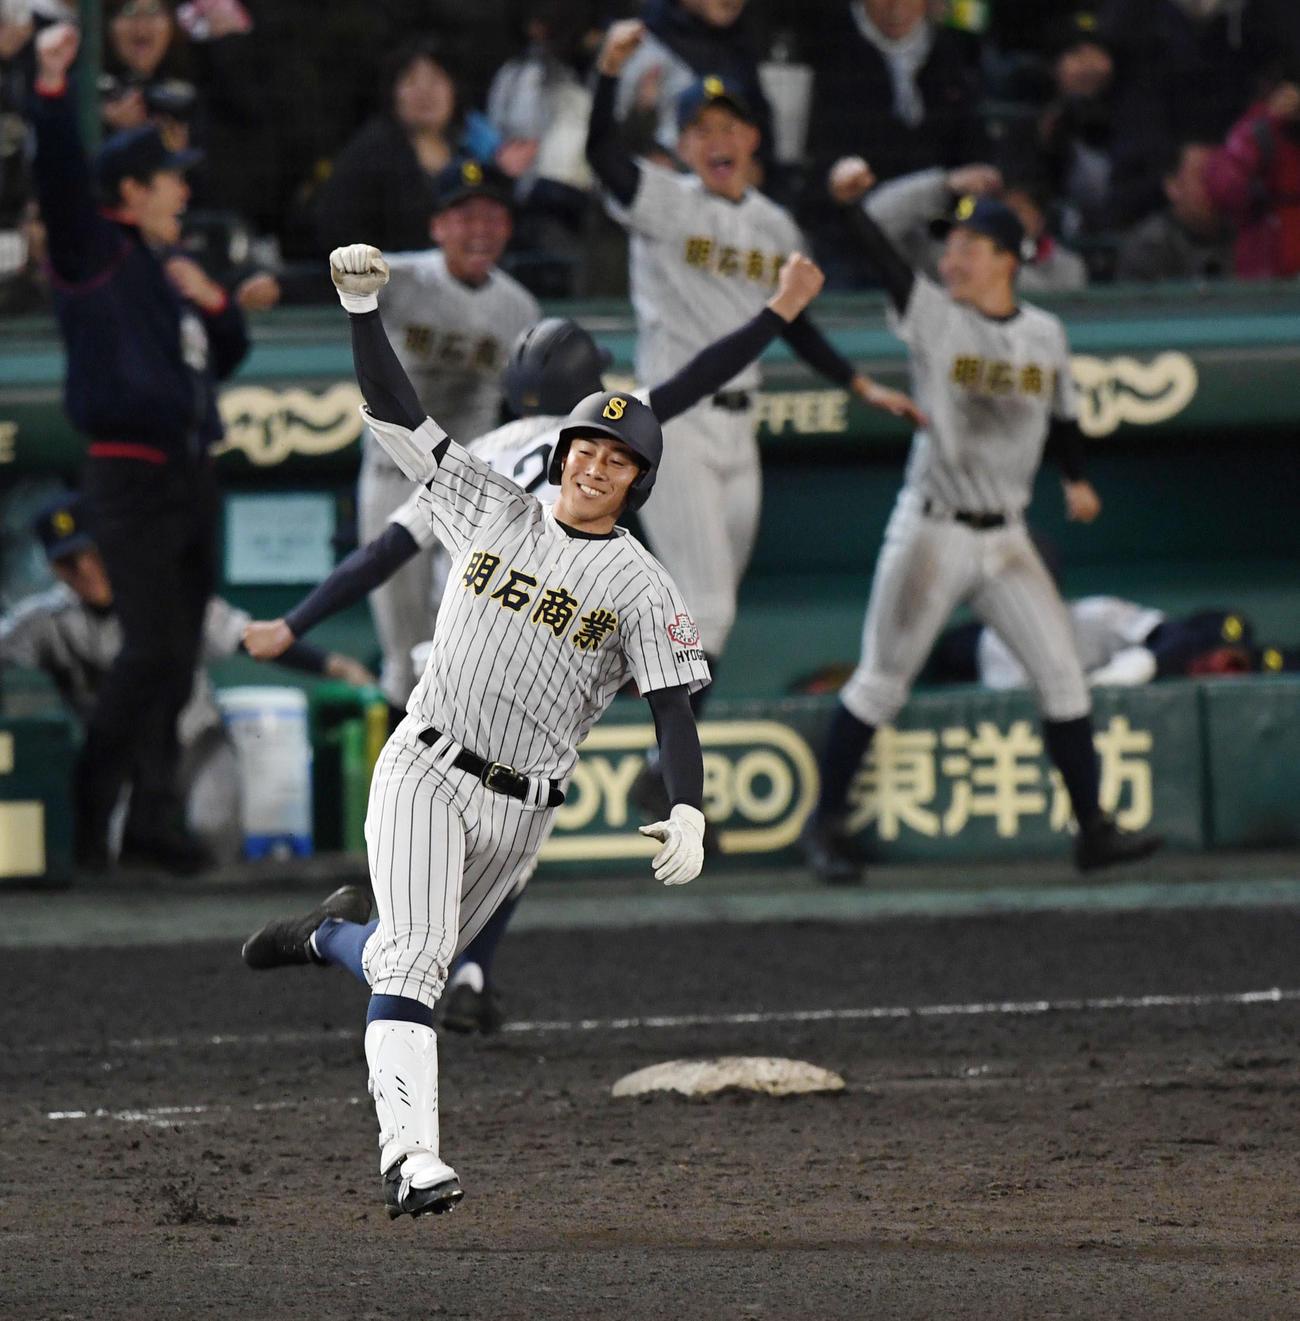 来田 明石商業の名を全国に 柳田ばり強振で劇的弾 高校野球 日刊